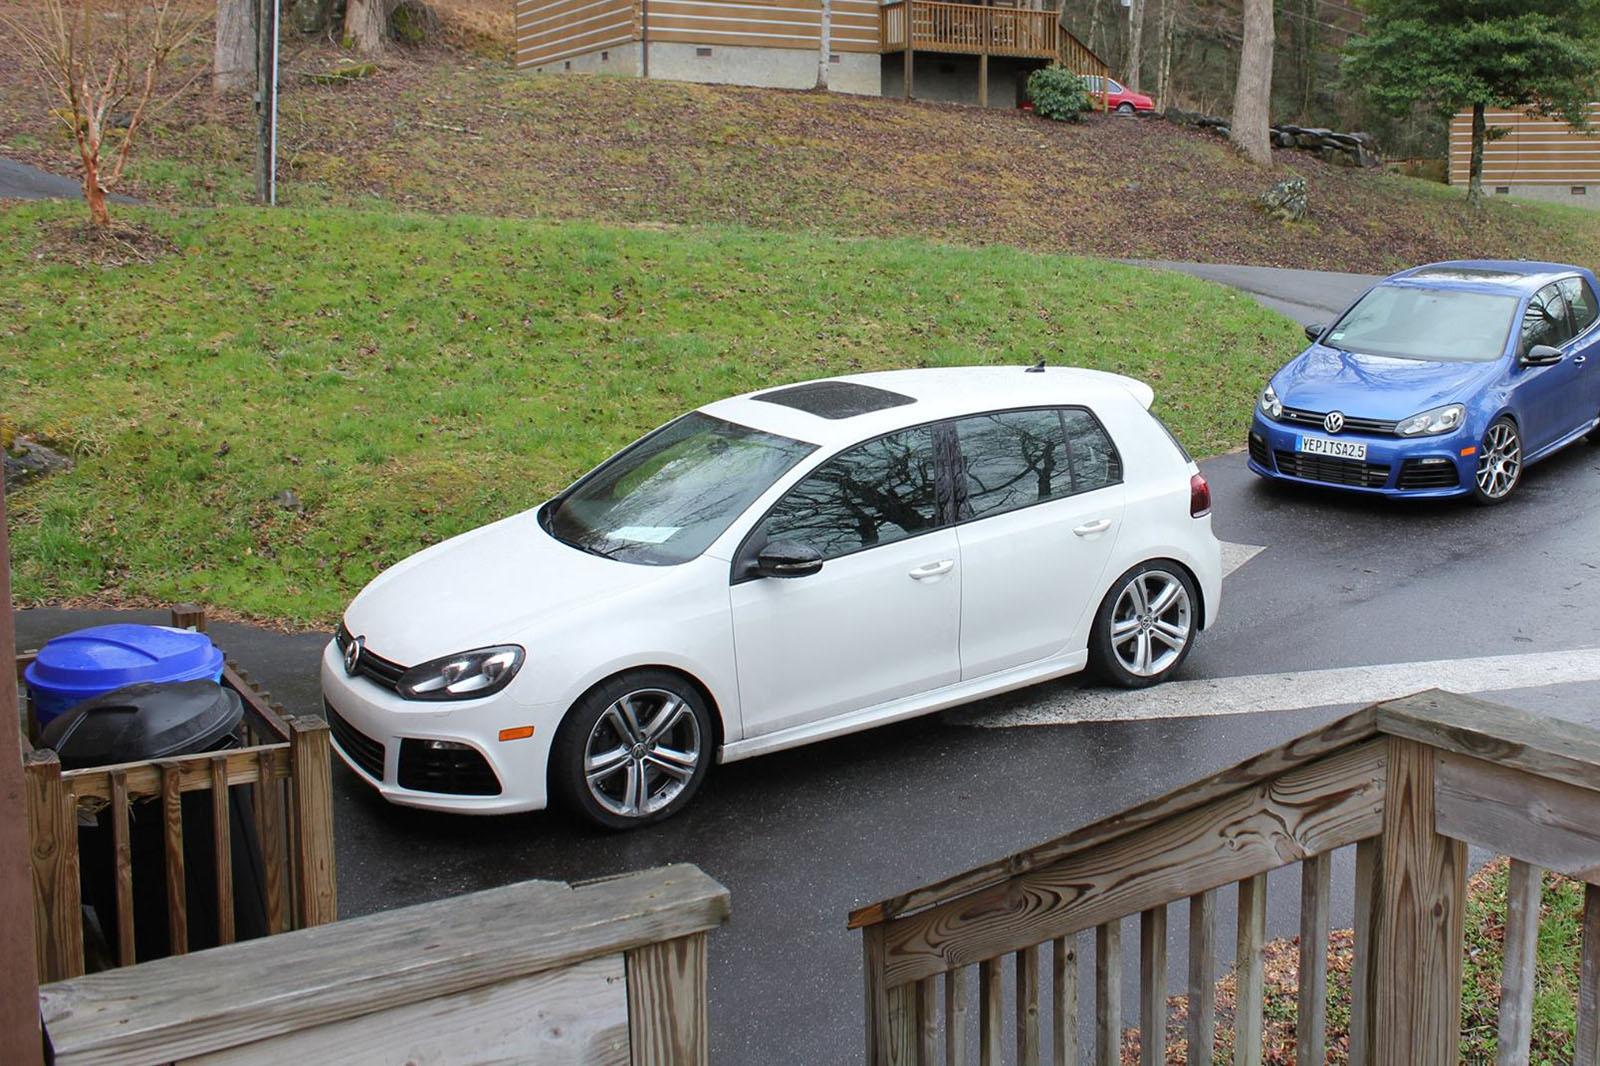 Volkswagen Golf R Wiring Harness Online Schematics Diagram Vw 2013 With A Turbo Inline Five Engine Swap Depot 2017 Interior